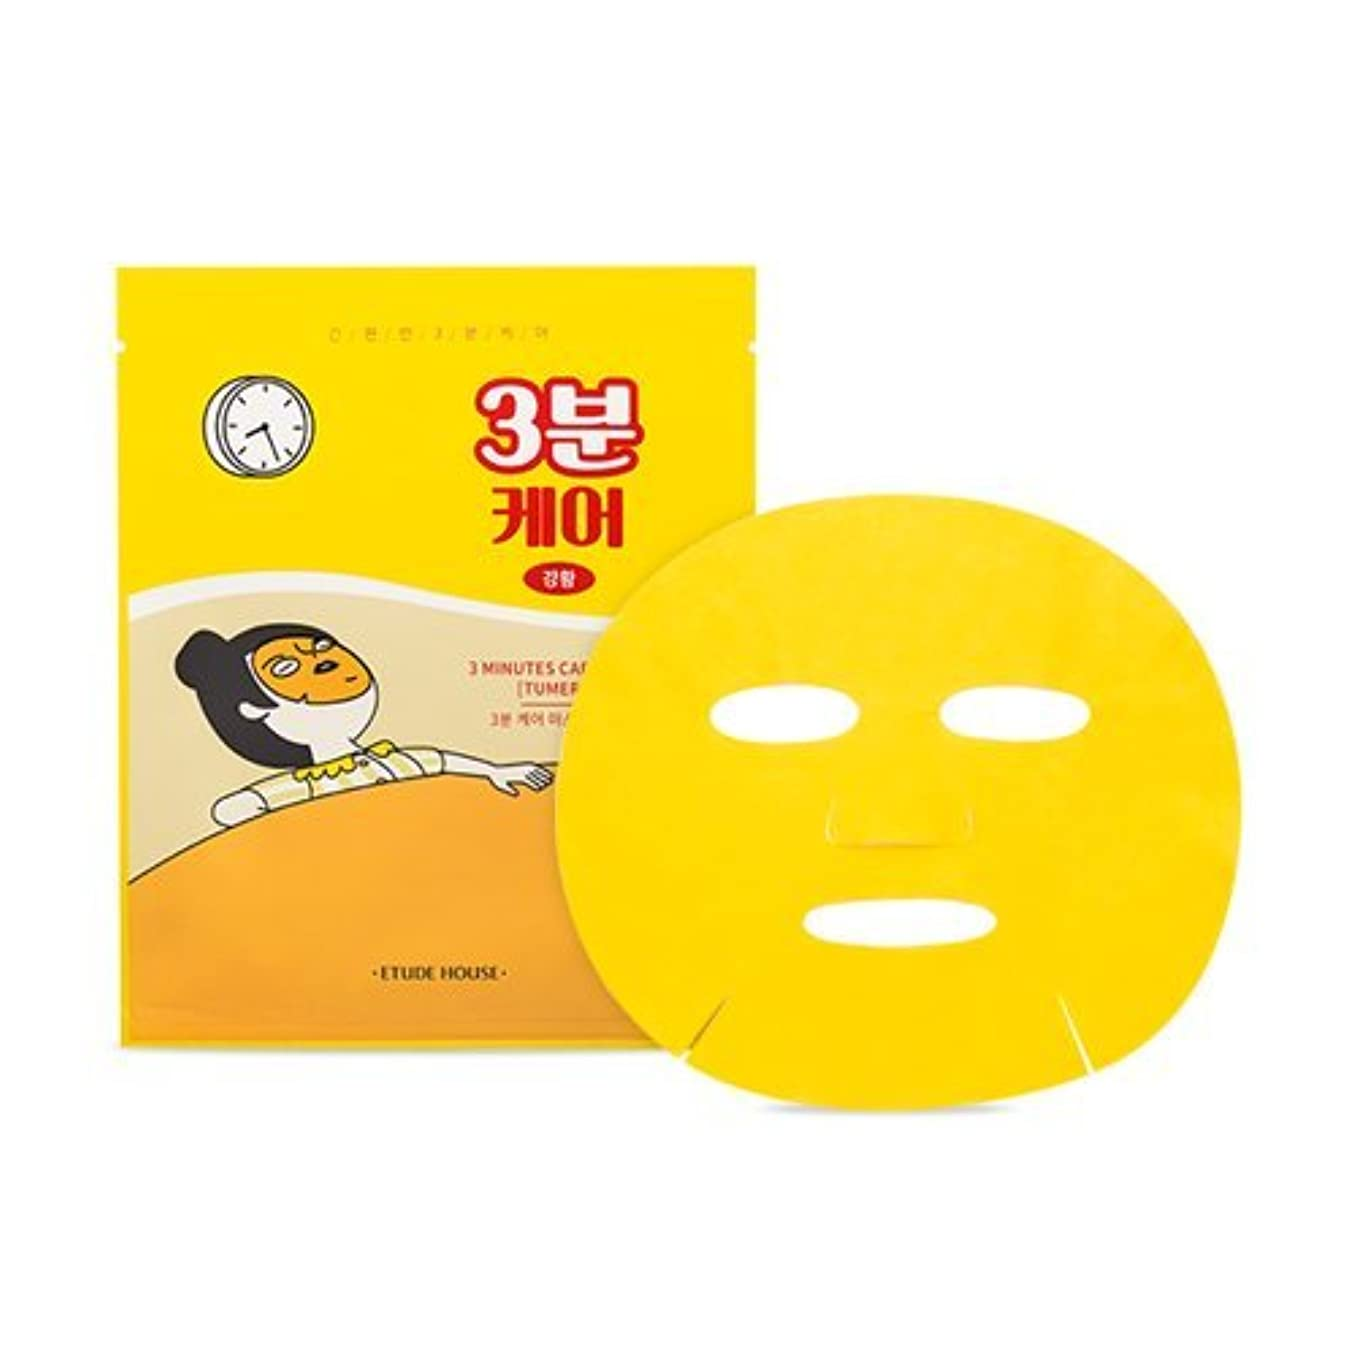 寄託脊椎盲信エチュードハウス 3分ケア マスク[ ウコン ] 5枚/ETUDE HOUSE 3 Minutes Care Mask [TUMERIC] 23g*5EA